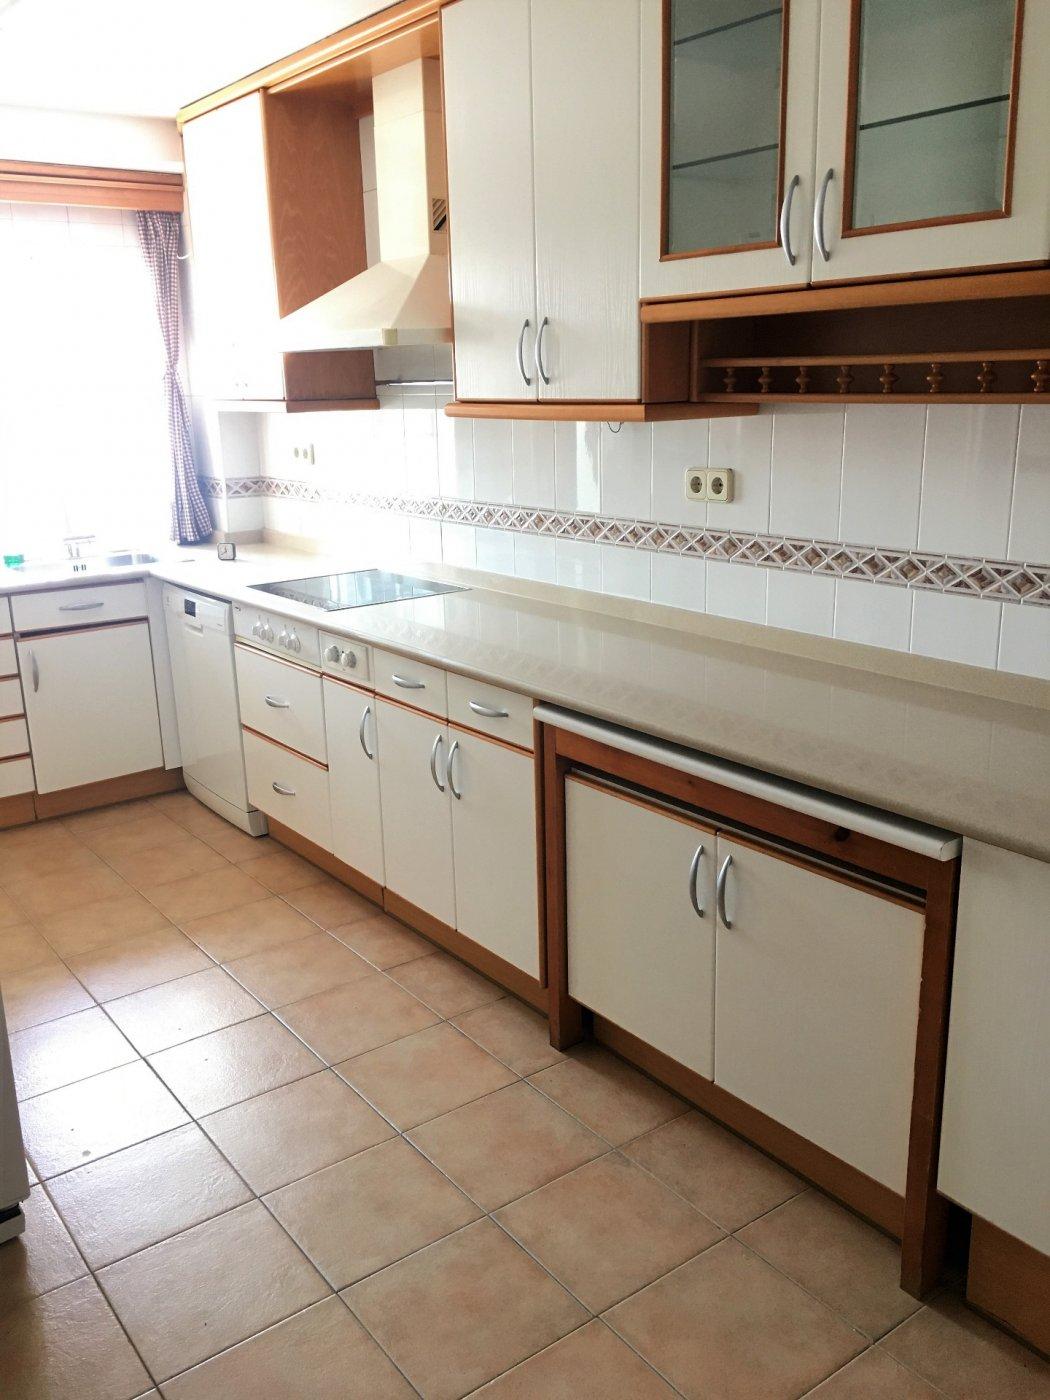 Alquiler de piso en madrid - imagenInmueble16